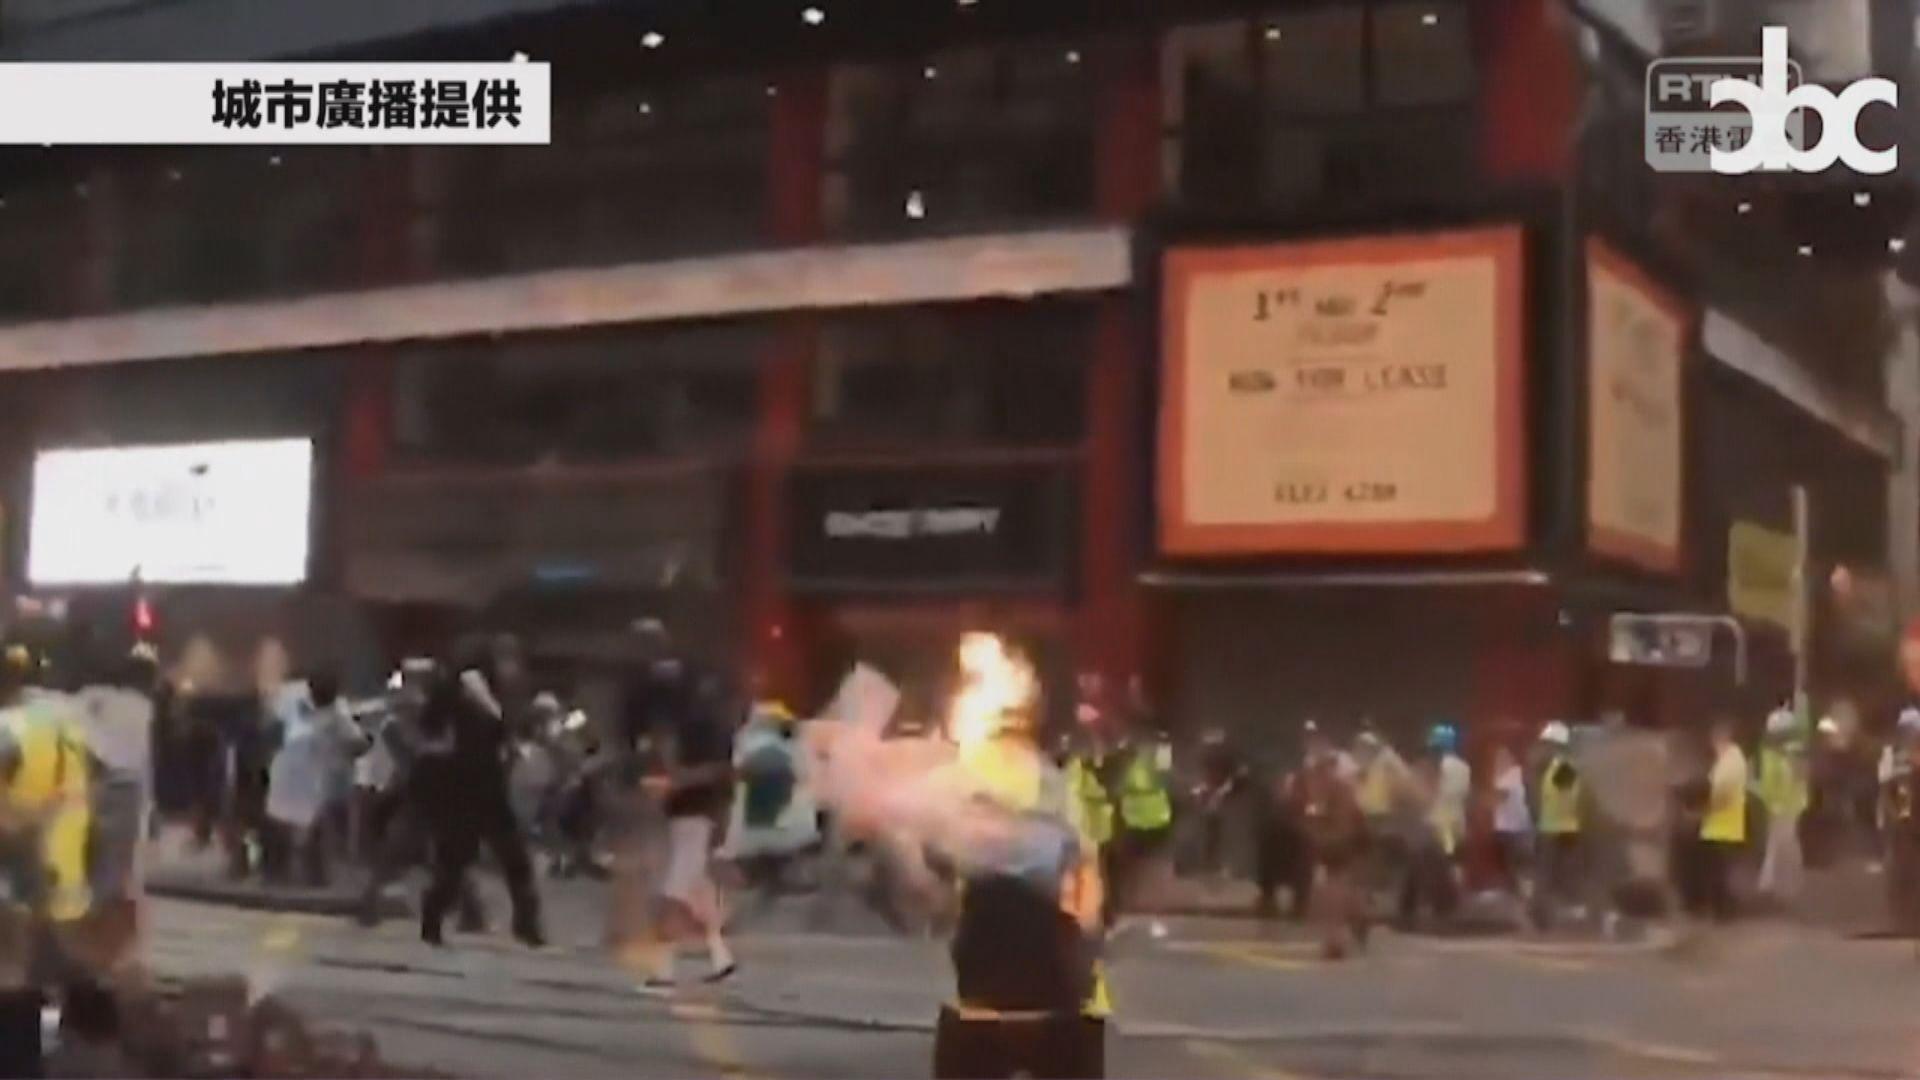 港台電視部記者灣仔被汽油彈擲中 左面燒傷情況嚴重